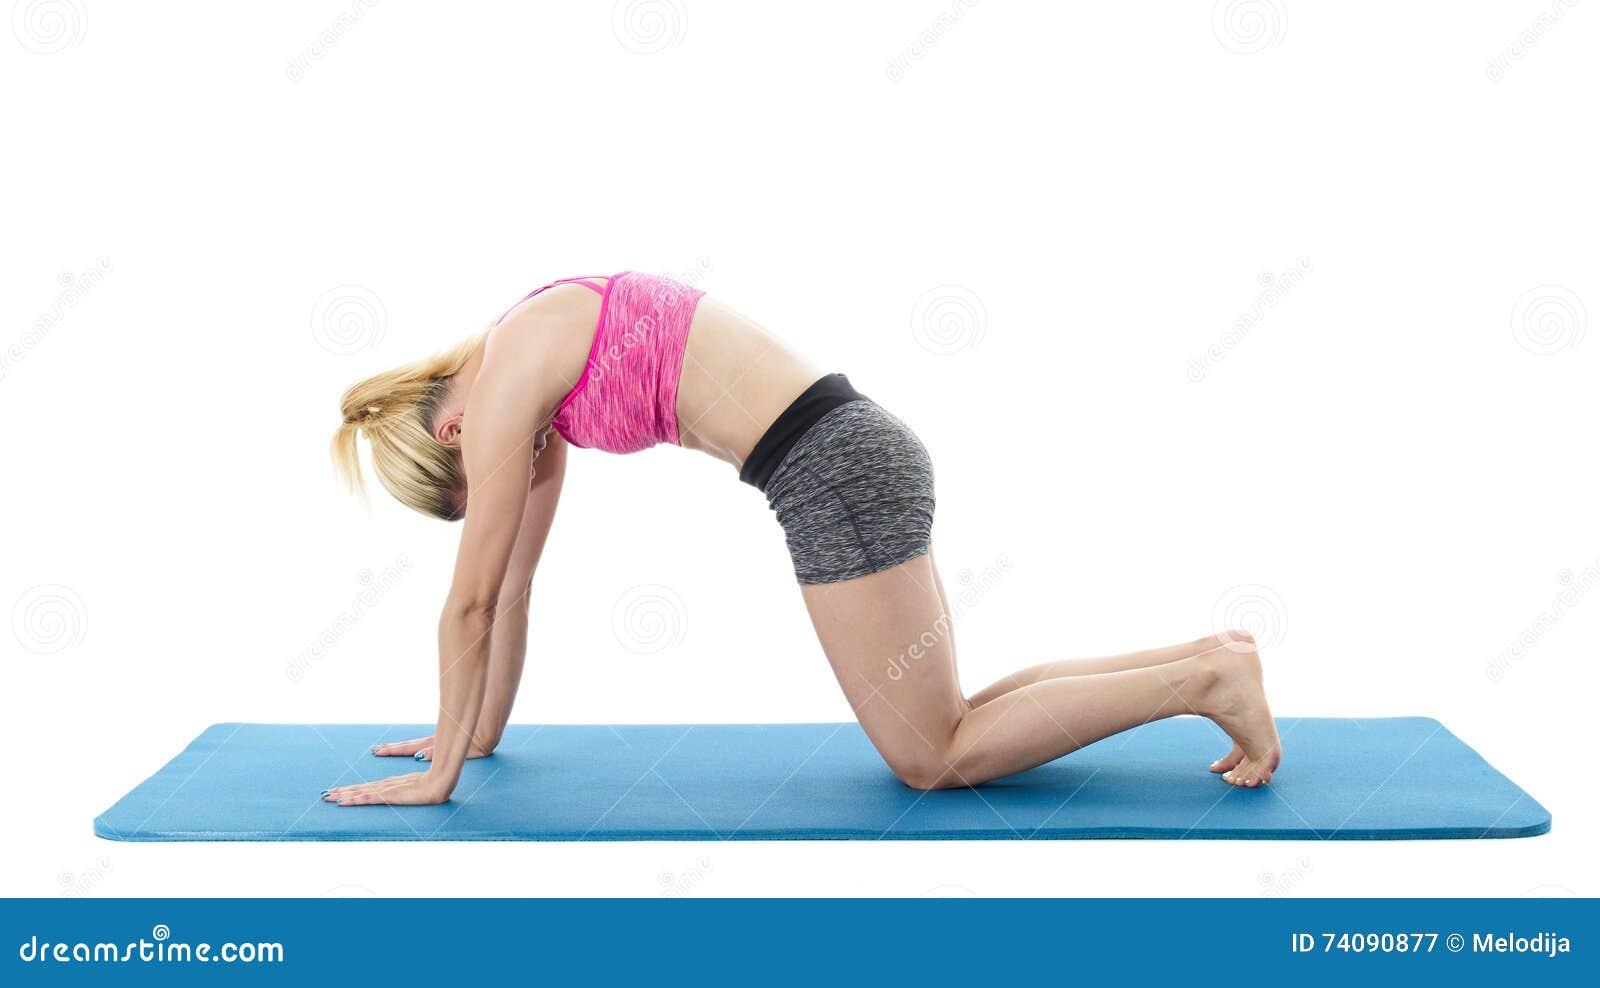 Frau Die Yoga Auf Boden Tut Stockbild Bild Von Kurzschlusse Pink